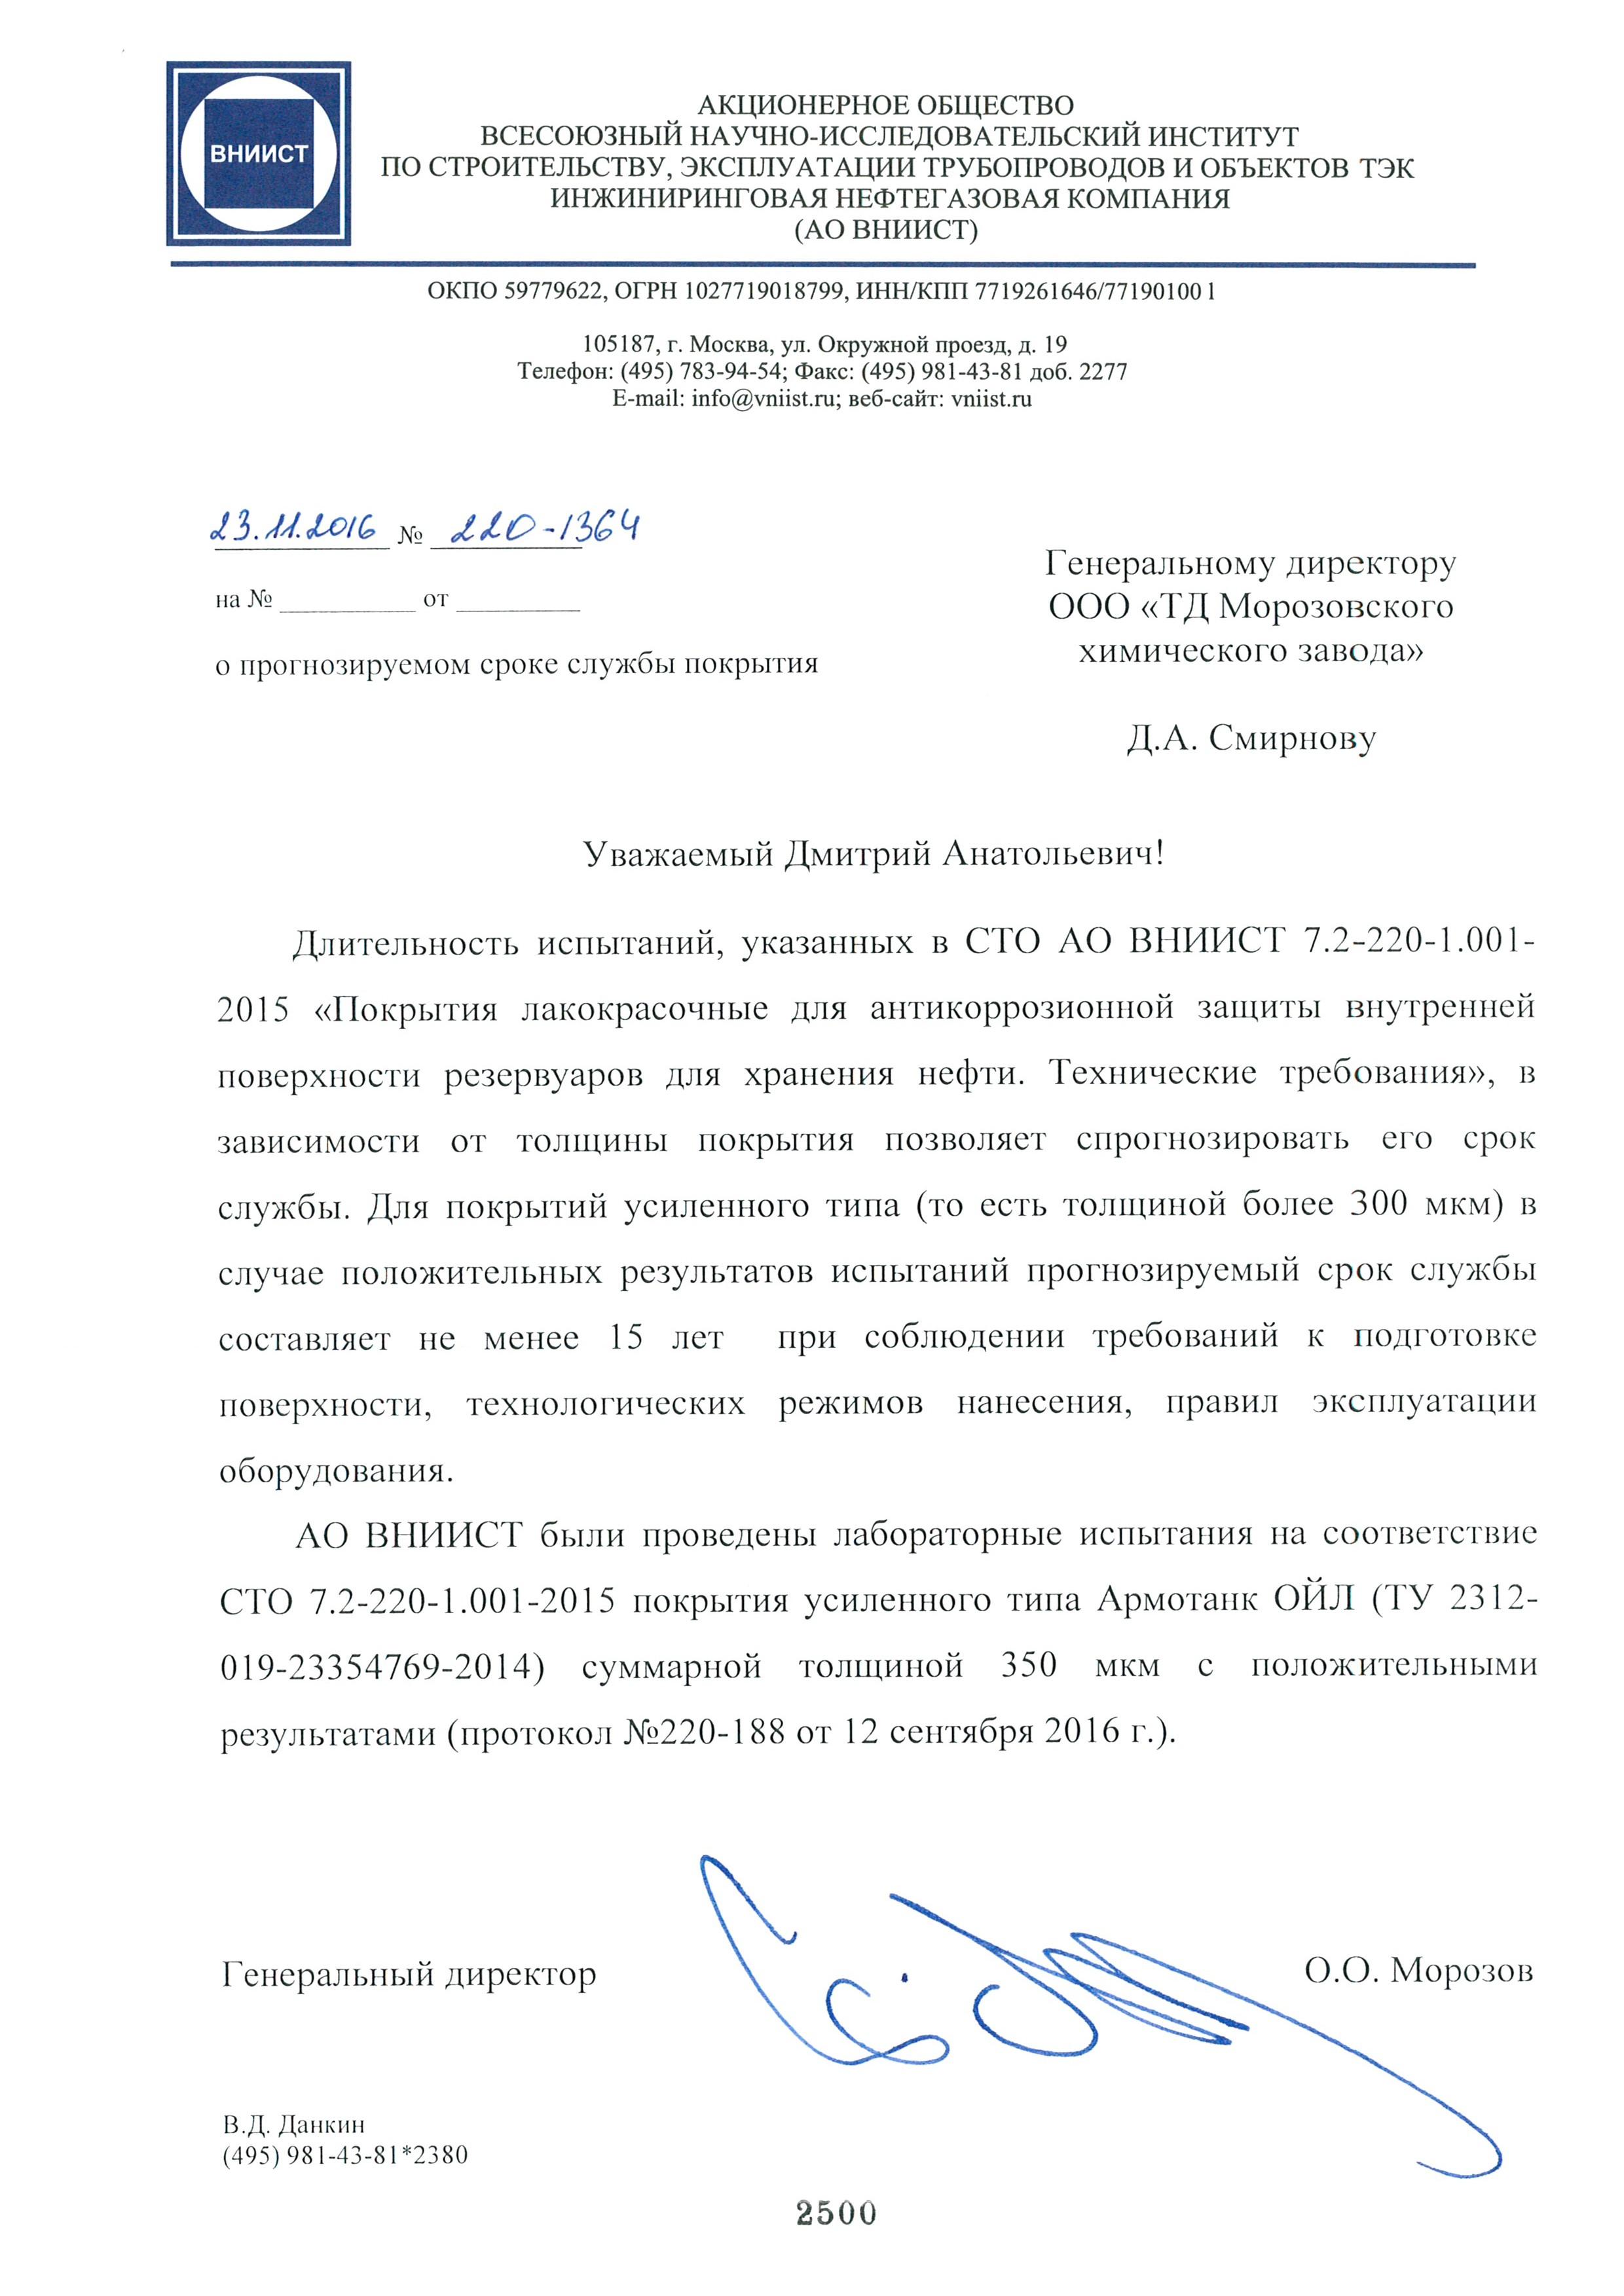 Приложение к заключению ВНИИСТ о сроке службы Армотанк ОЙЛ